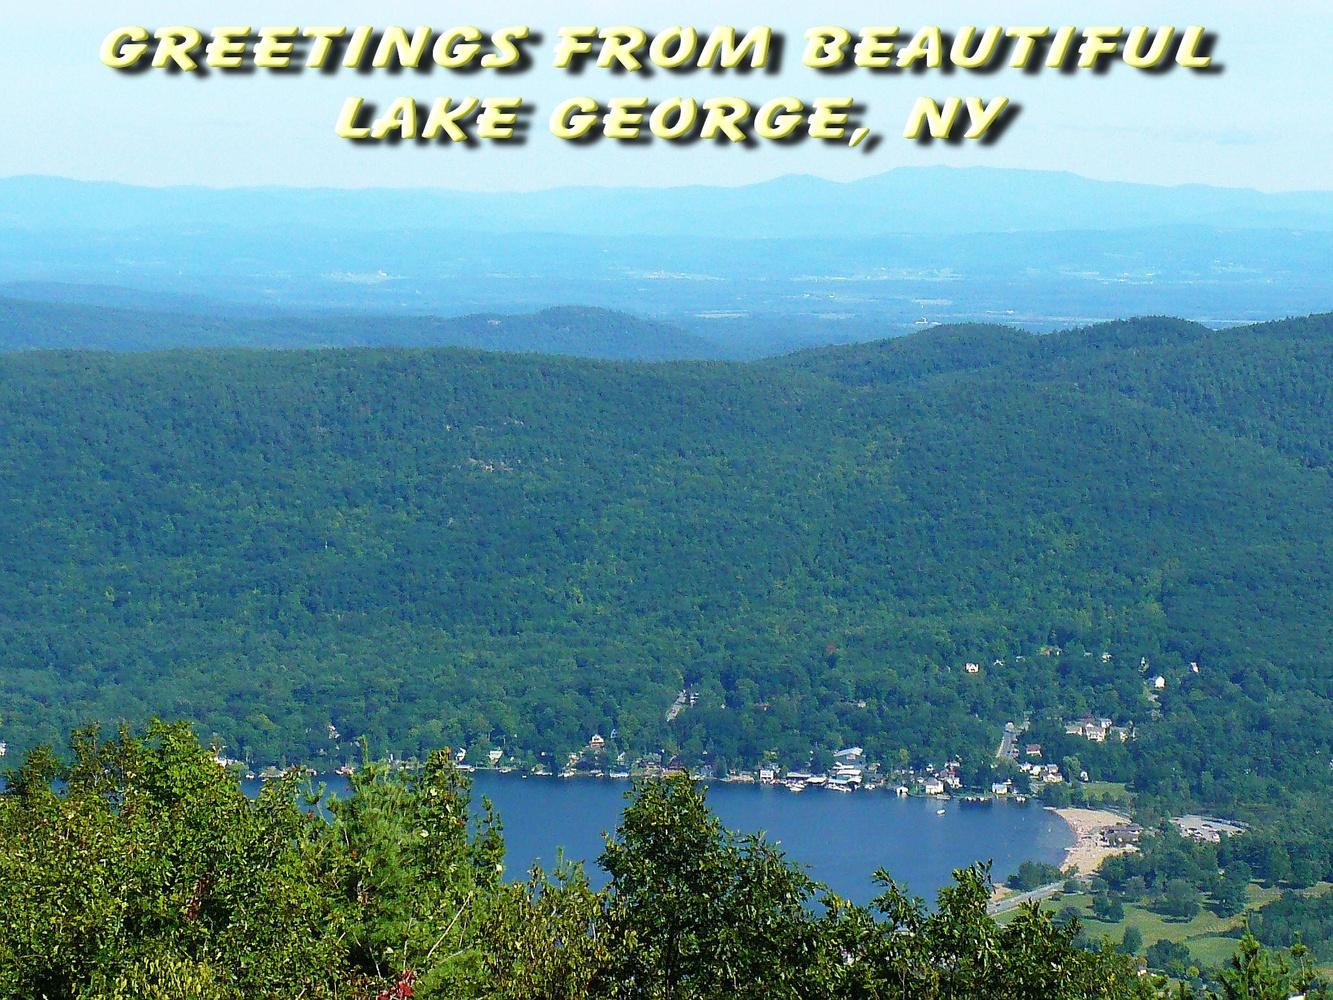 Lake George Postcard by Linda Whitworth